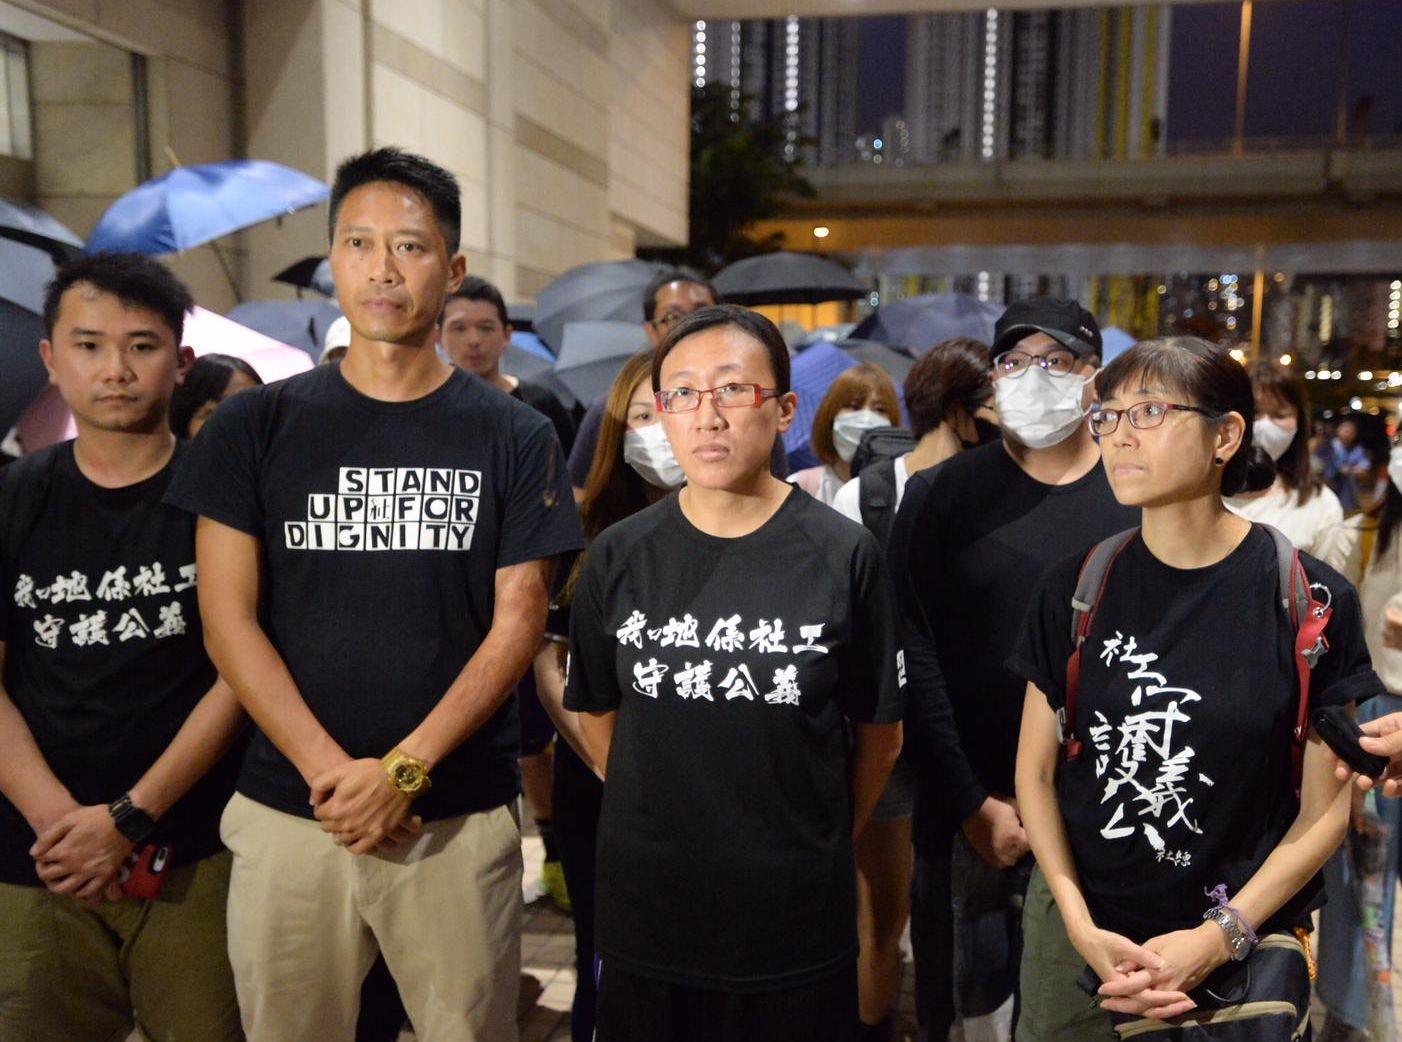 社聯表示,對於社工陳虹秀(中)被控暴動罪表示強烈憤怒。